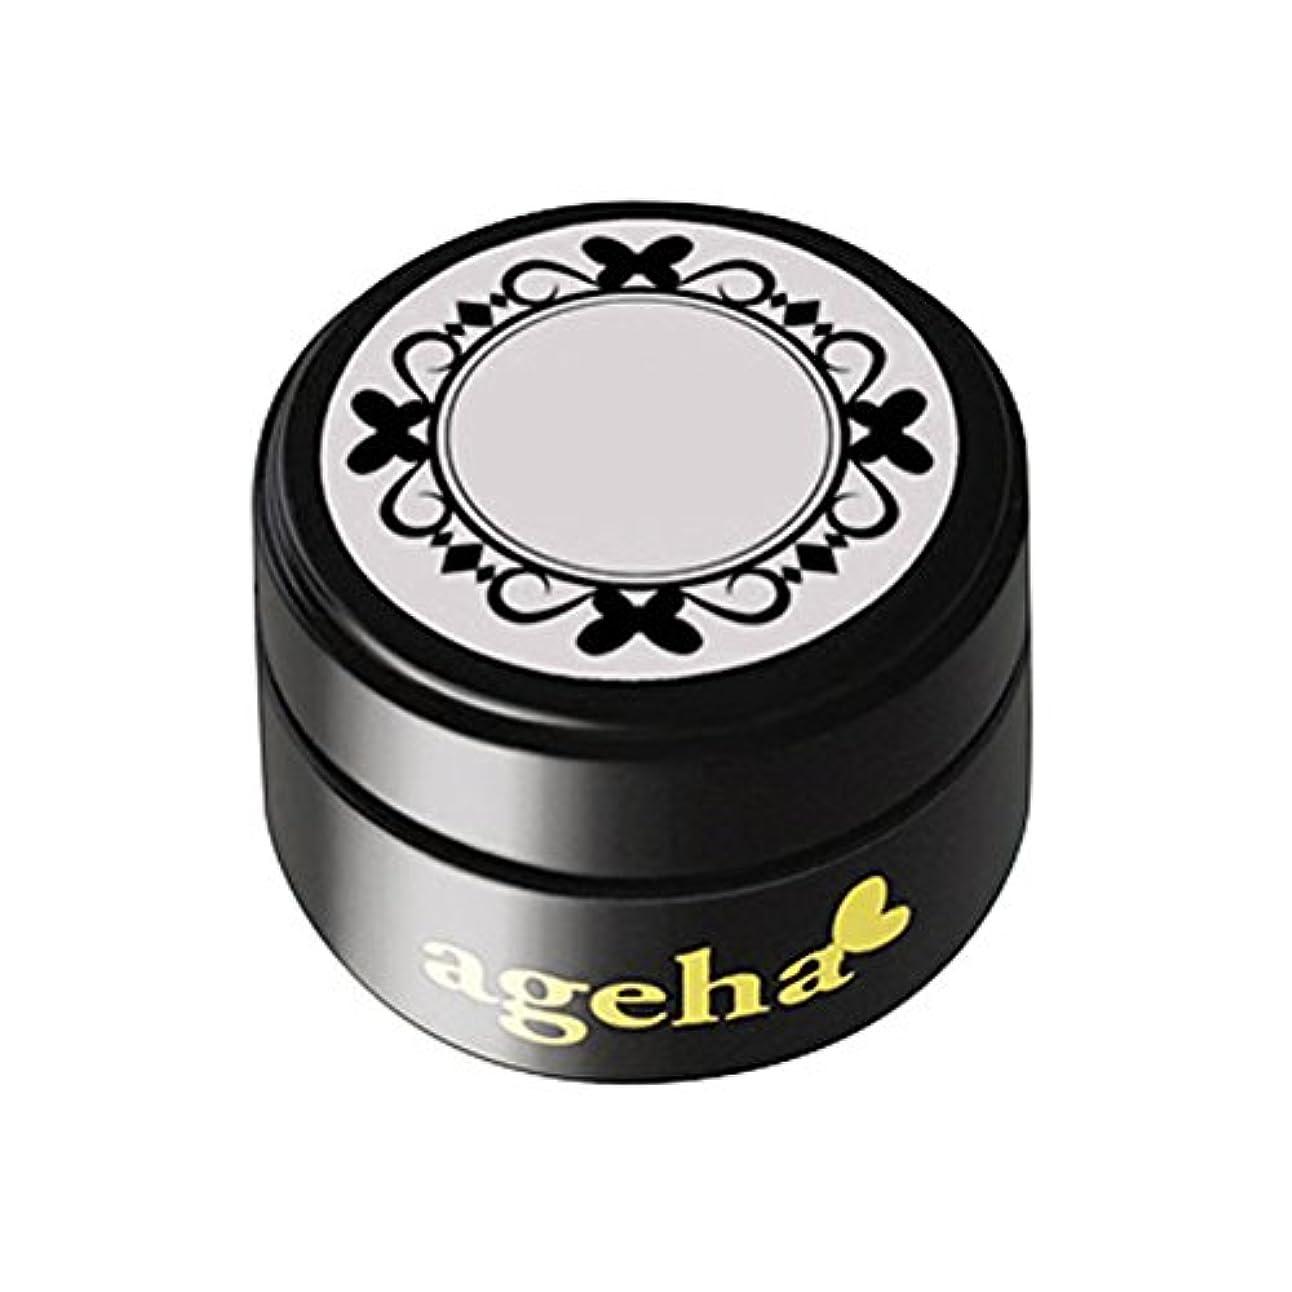 実施するスラム仲良しageha gel カラージェル コスメカラー 203 ダークブラウン 2.7g UV/LED対応